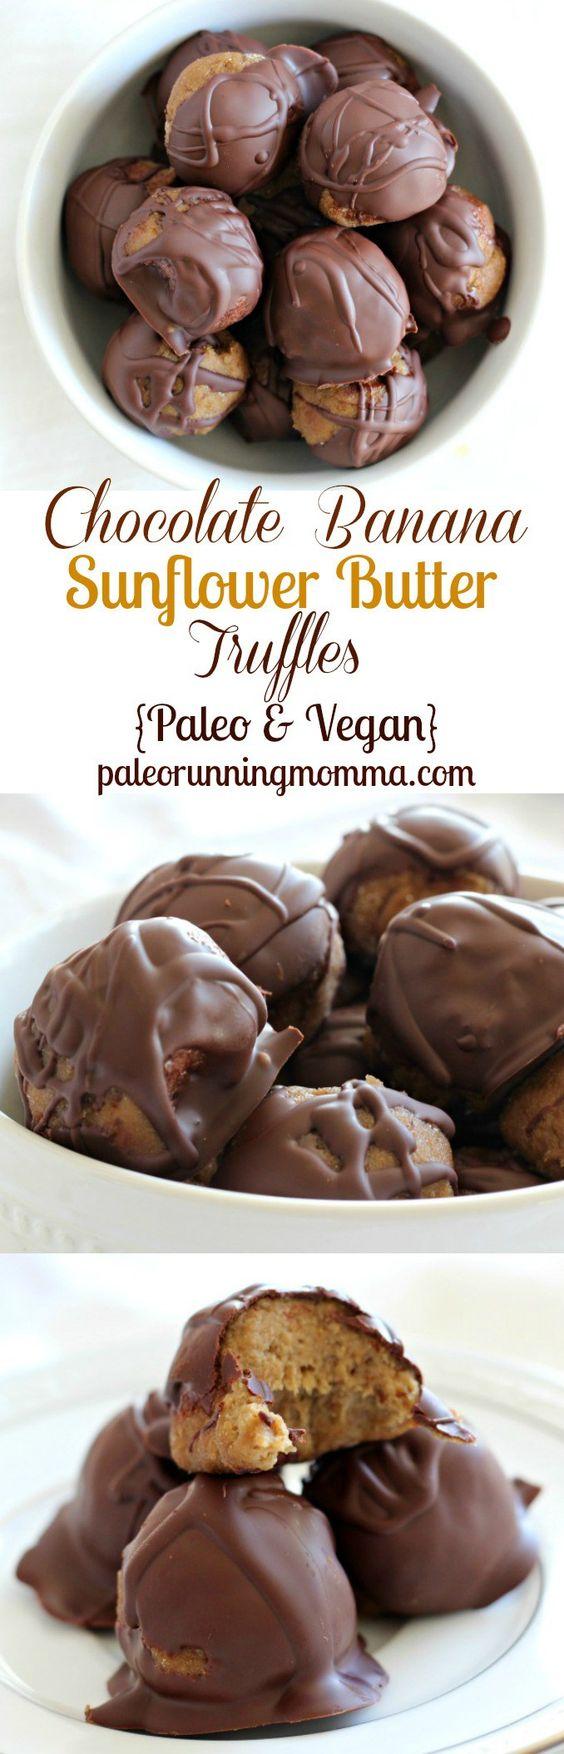 sunflower butter truffles